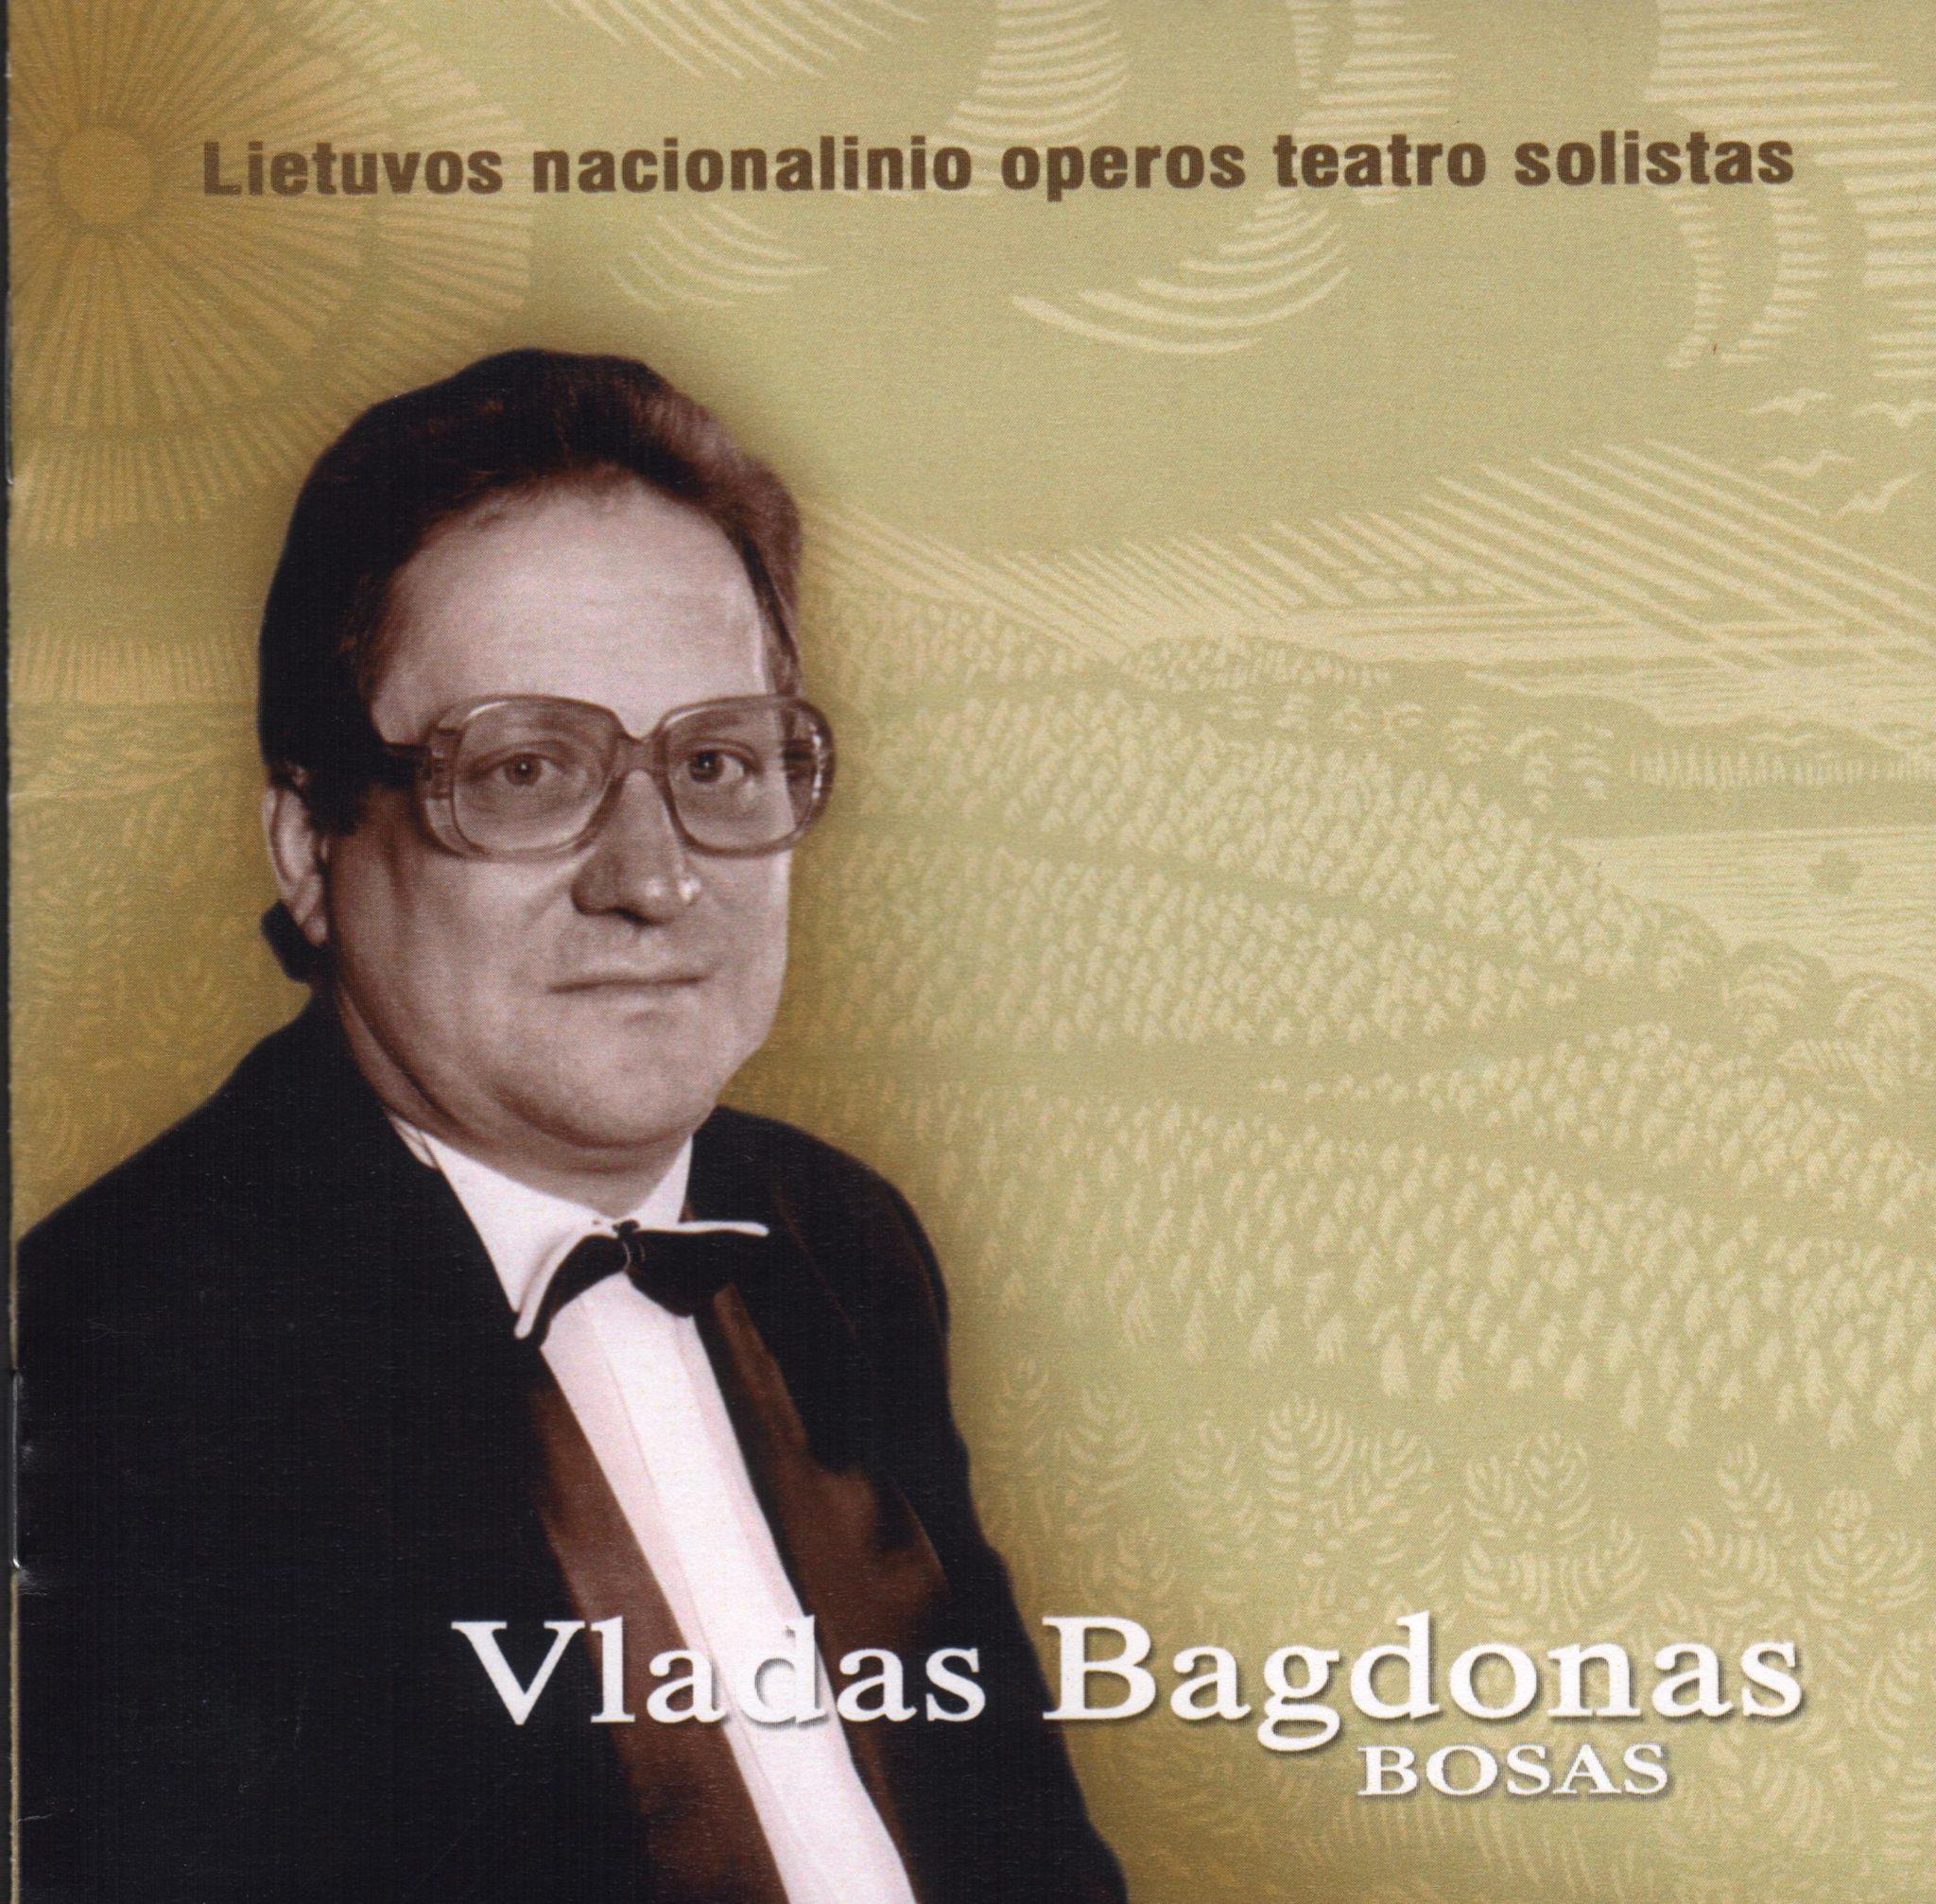 Dainuoja Vladas Bagdonas. – Vilnius, 2003. Kompaktinės plokštelės viršelis